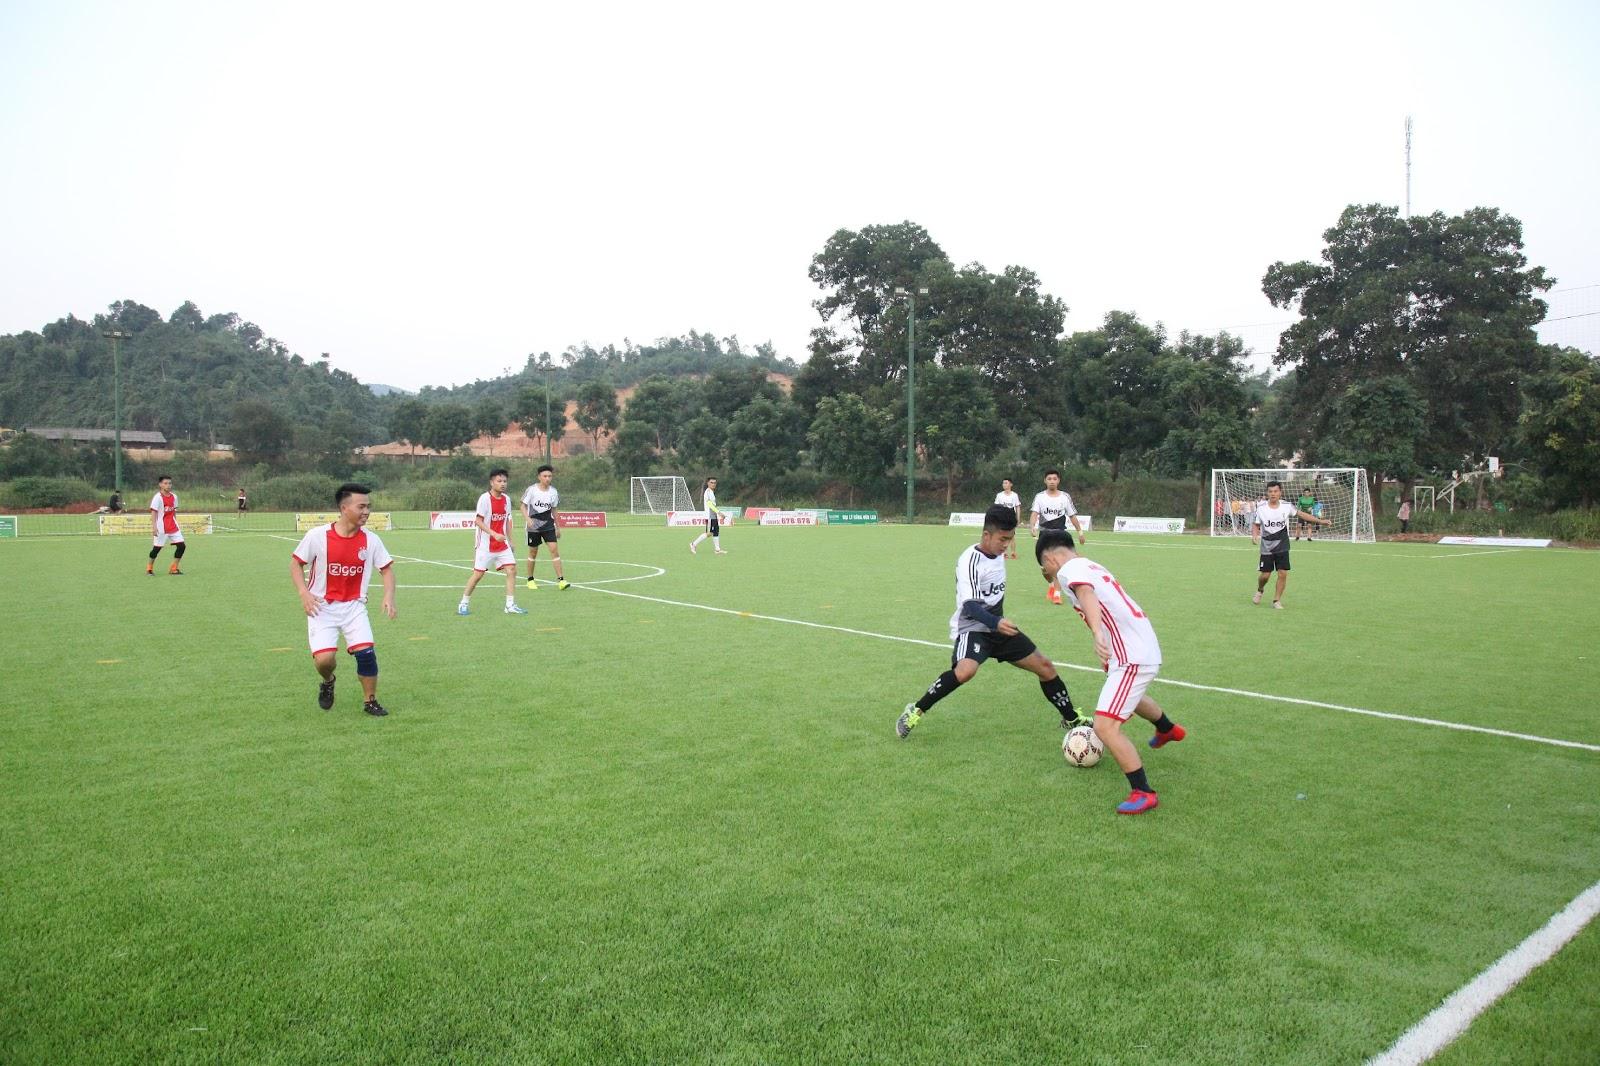 Thể dục, thể thao đối với việc nâng cao sức khỏe, phòng chống dịch bệnh